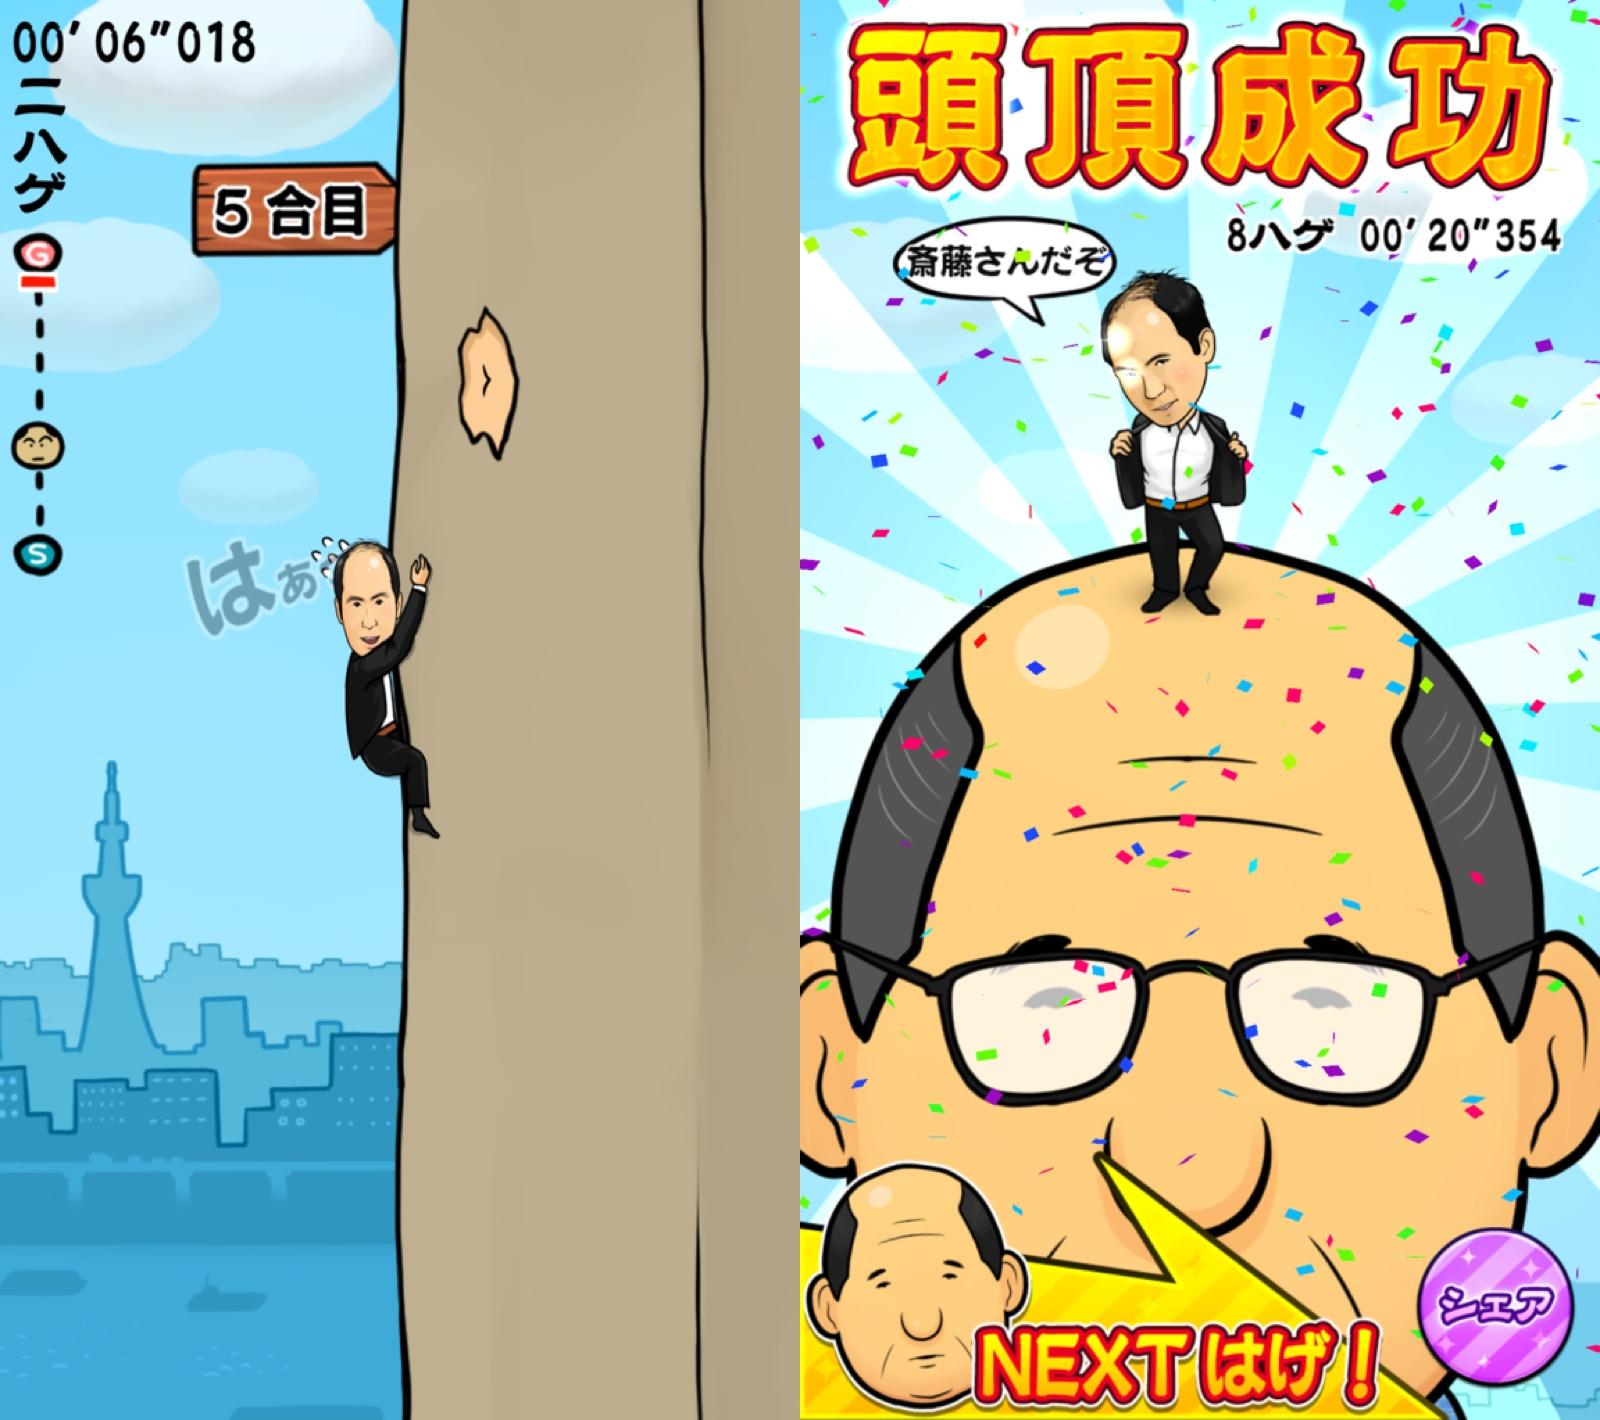 斎藤さんがハゲオヤジを登るゲームです